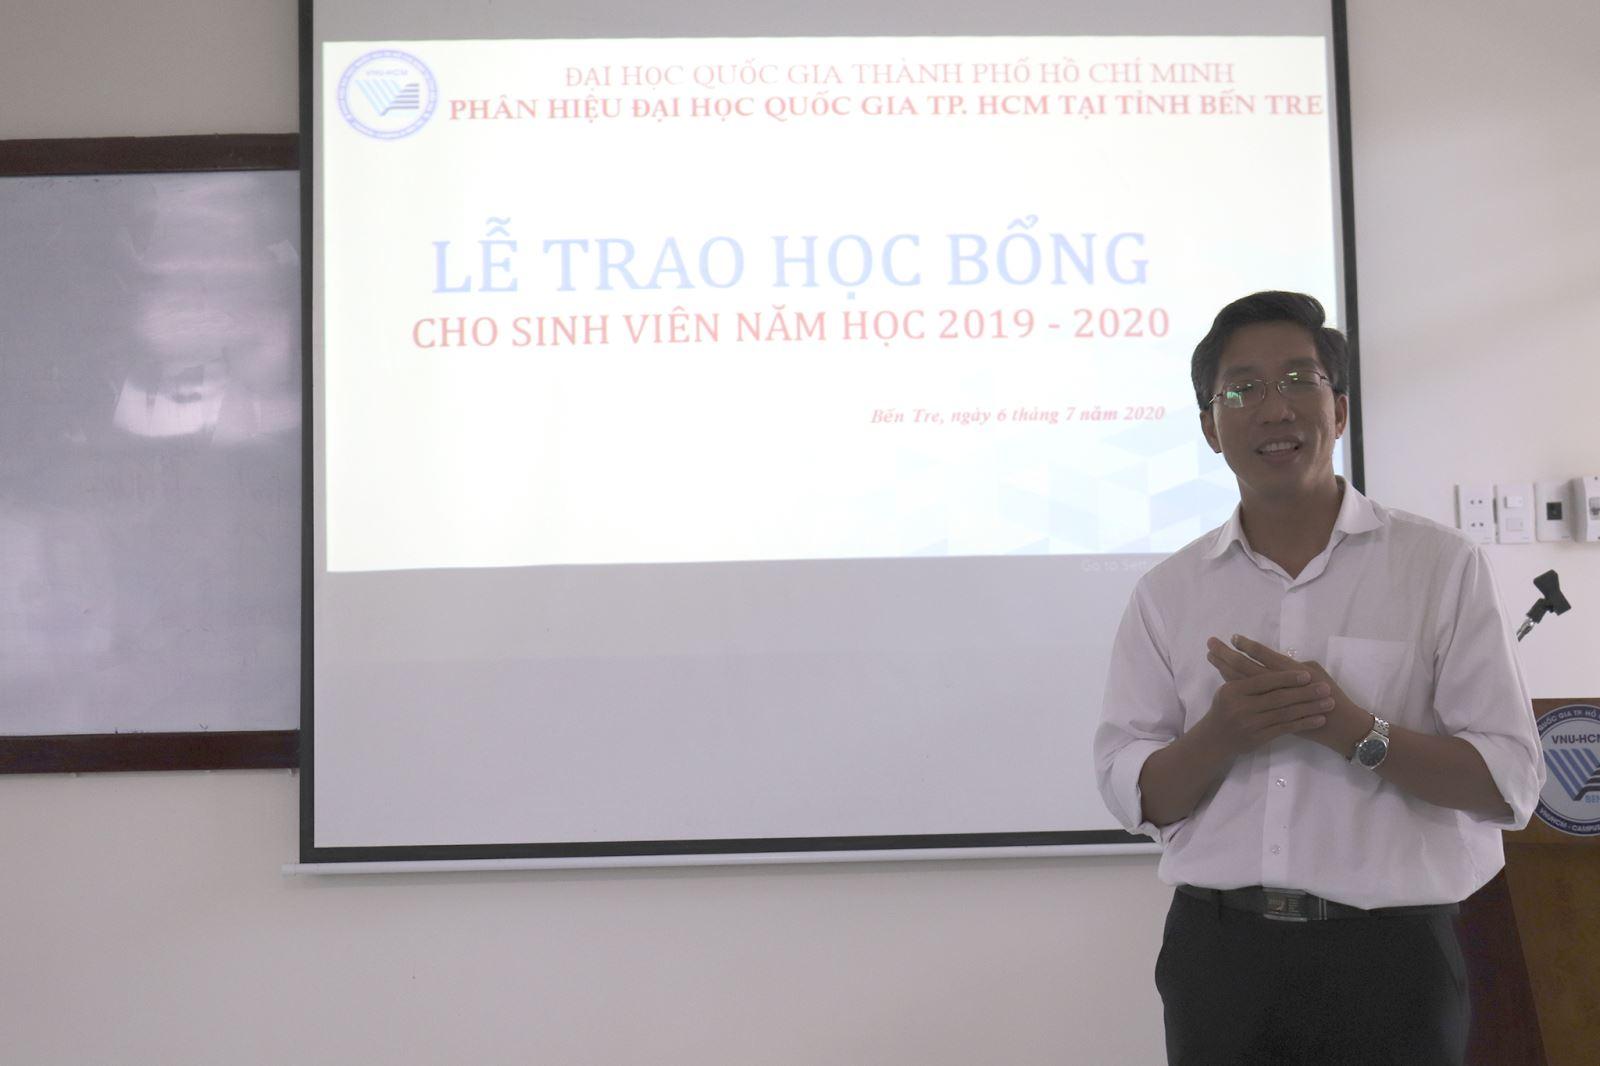 LỄ TRAO HỌC BỔNG SINH VIÊN NĂM HỌC 2019 - 2020